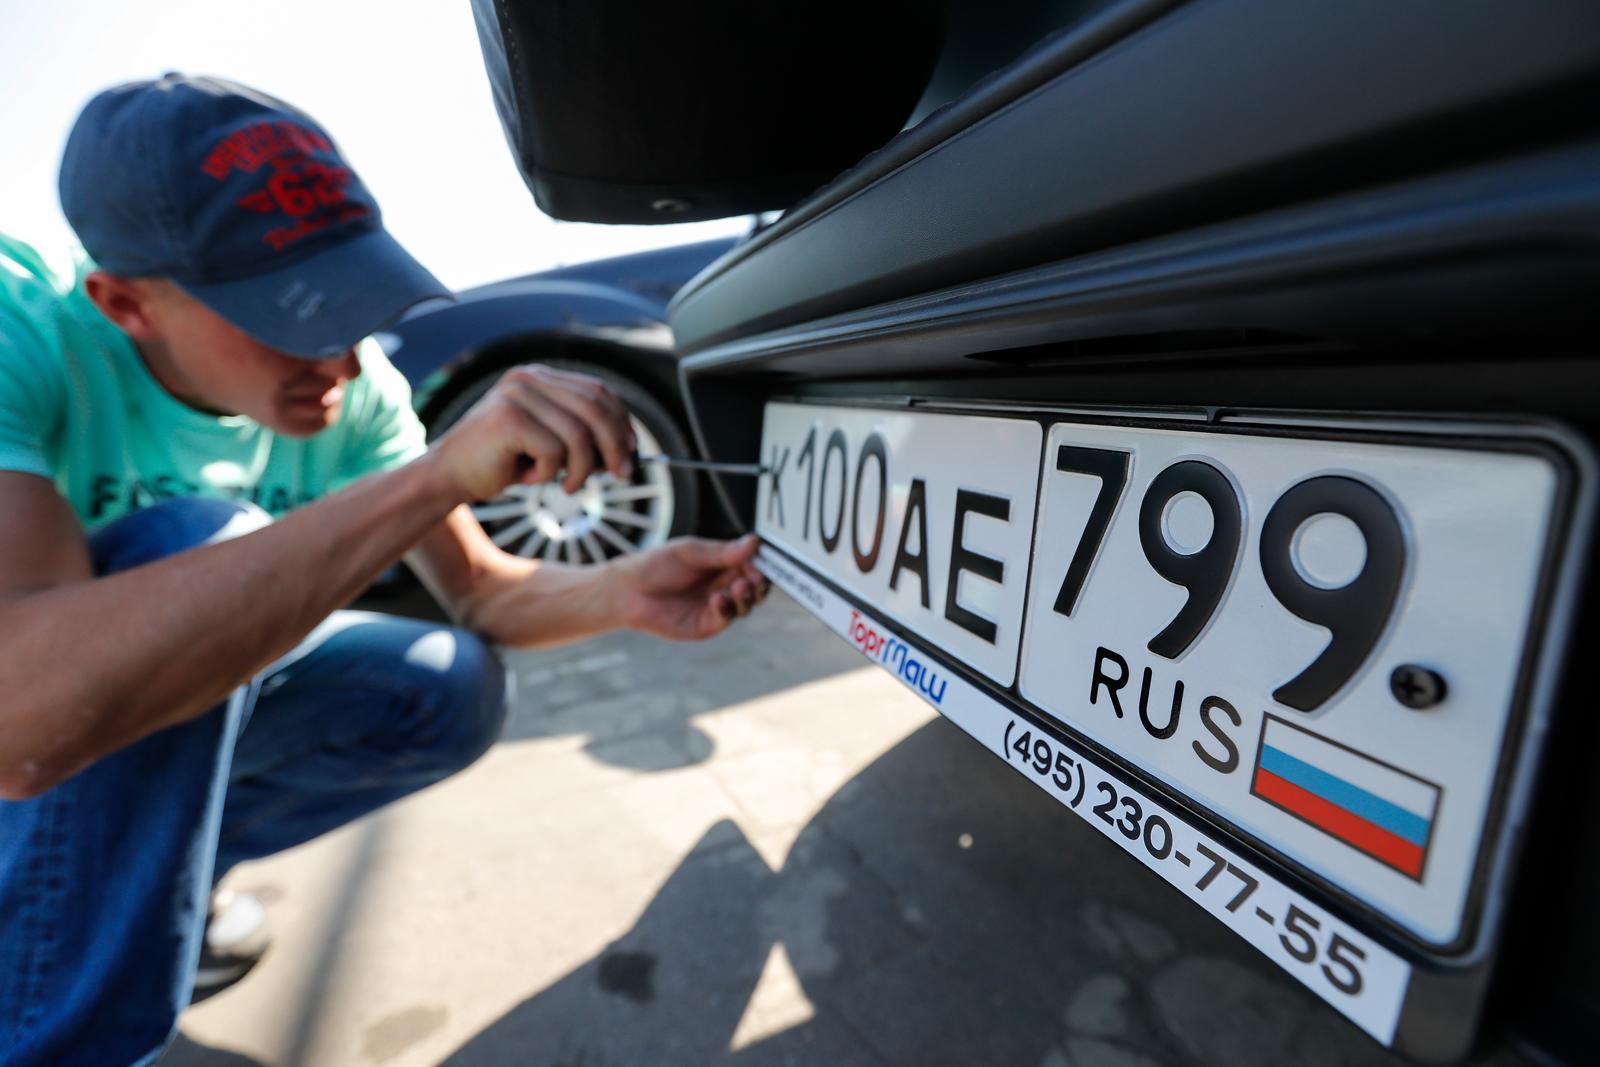 МВД намерено внедрить чипы вномера машин